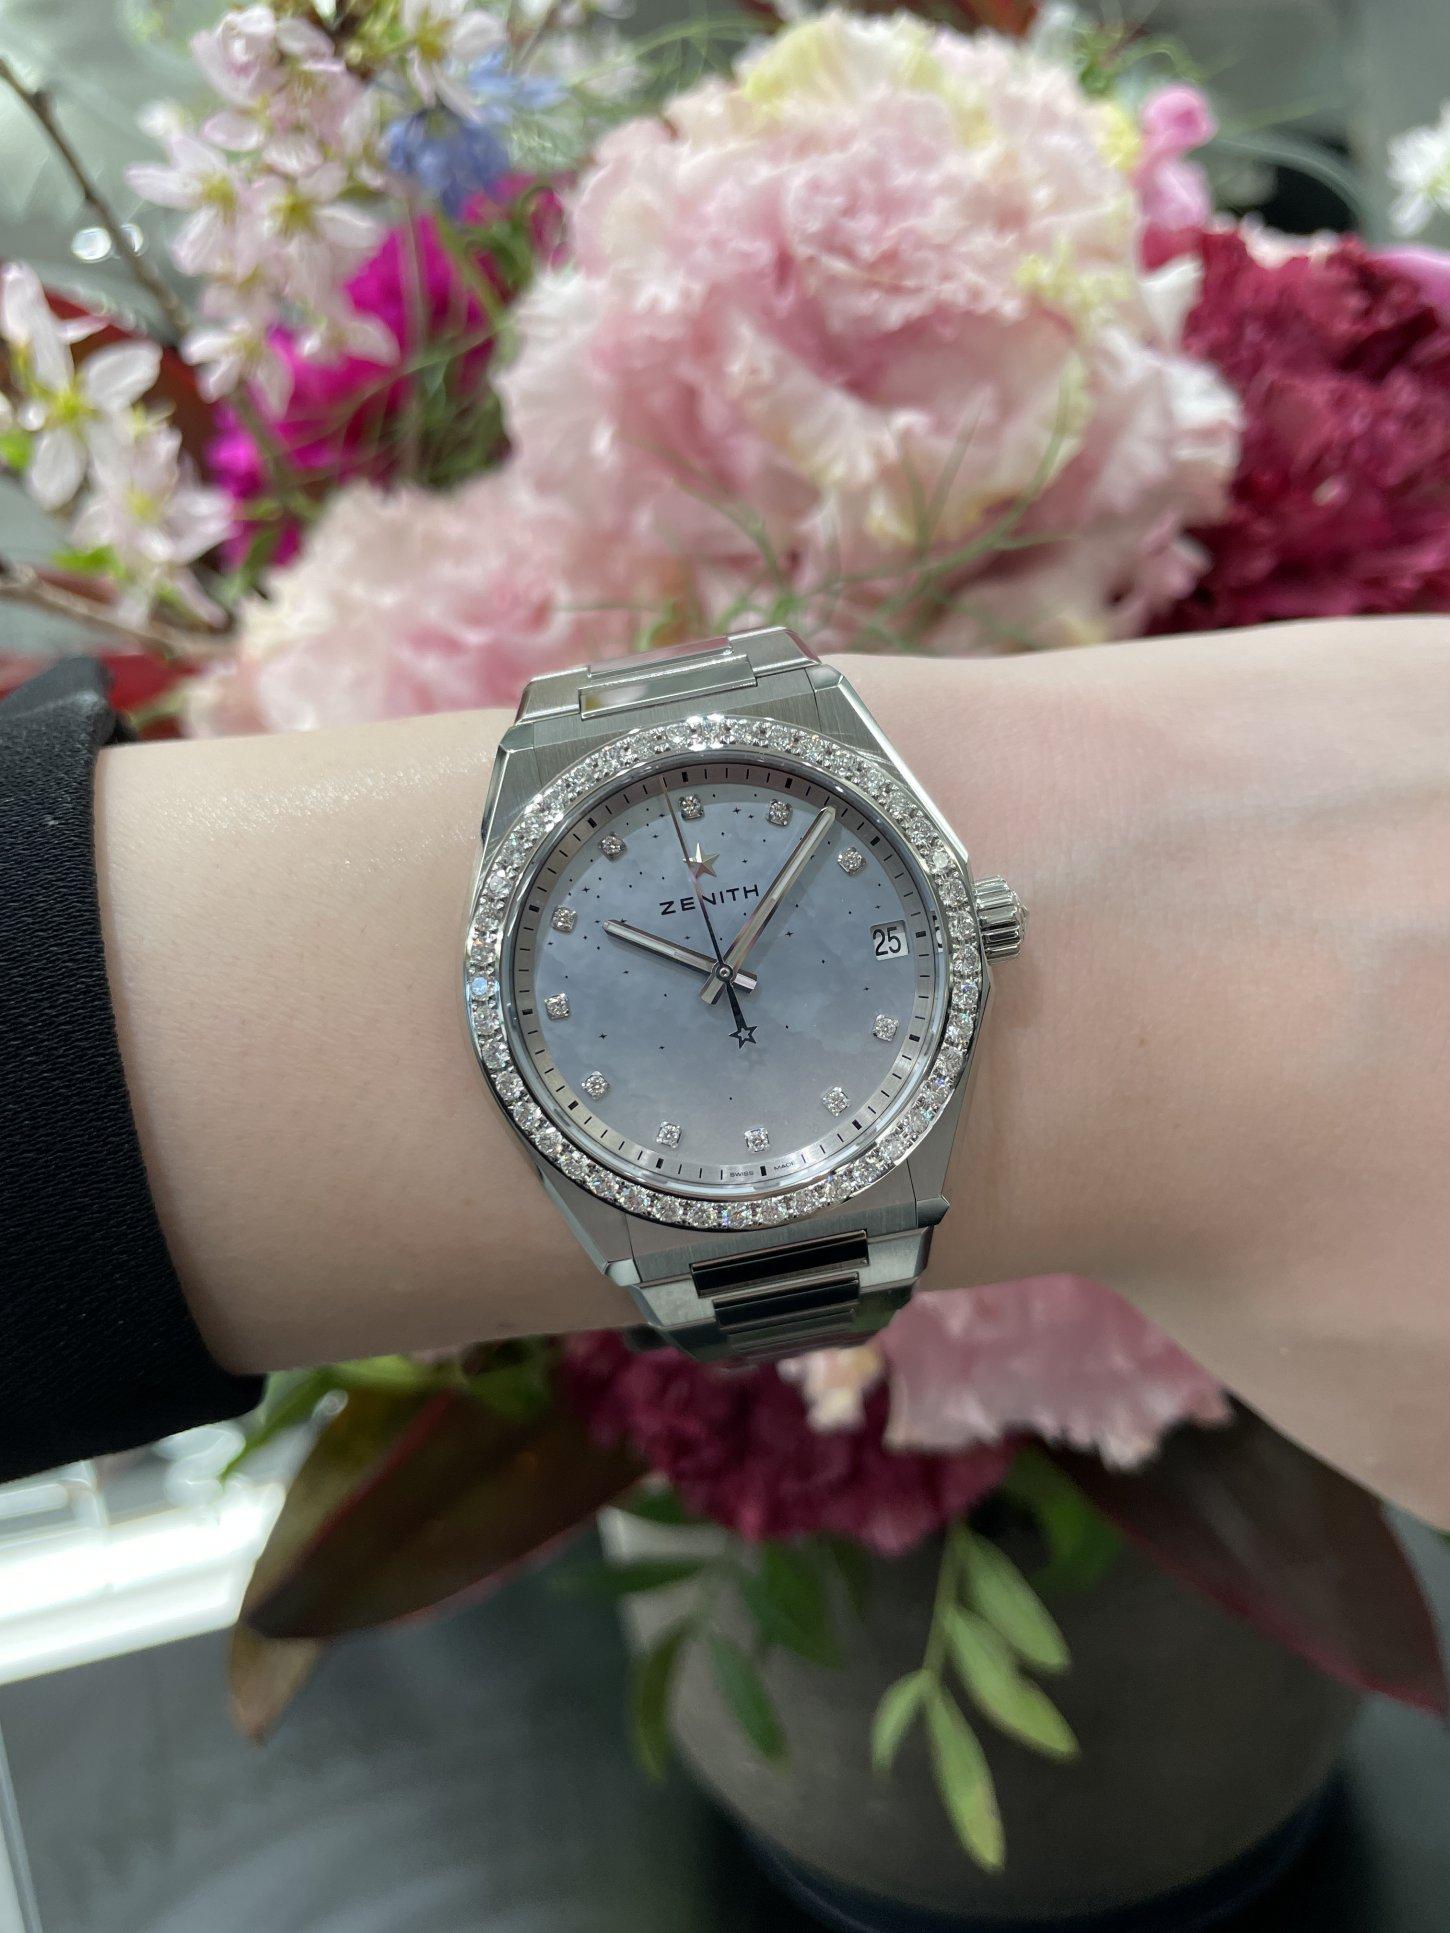 ホワイトダイヤモンドの透明感ある輝きが上品でリッチな印象に!『デファイ ミッドナイト』 - DEFY  IMG_5773